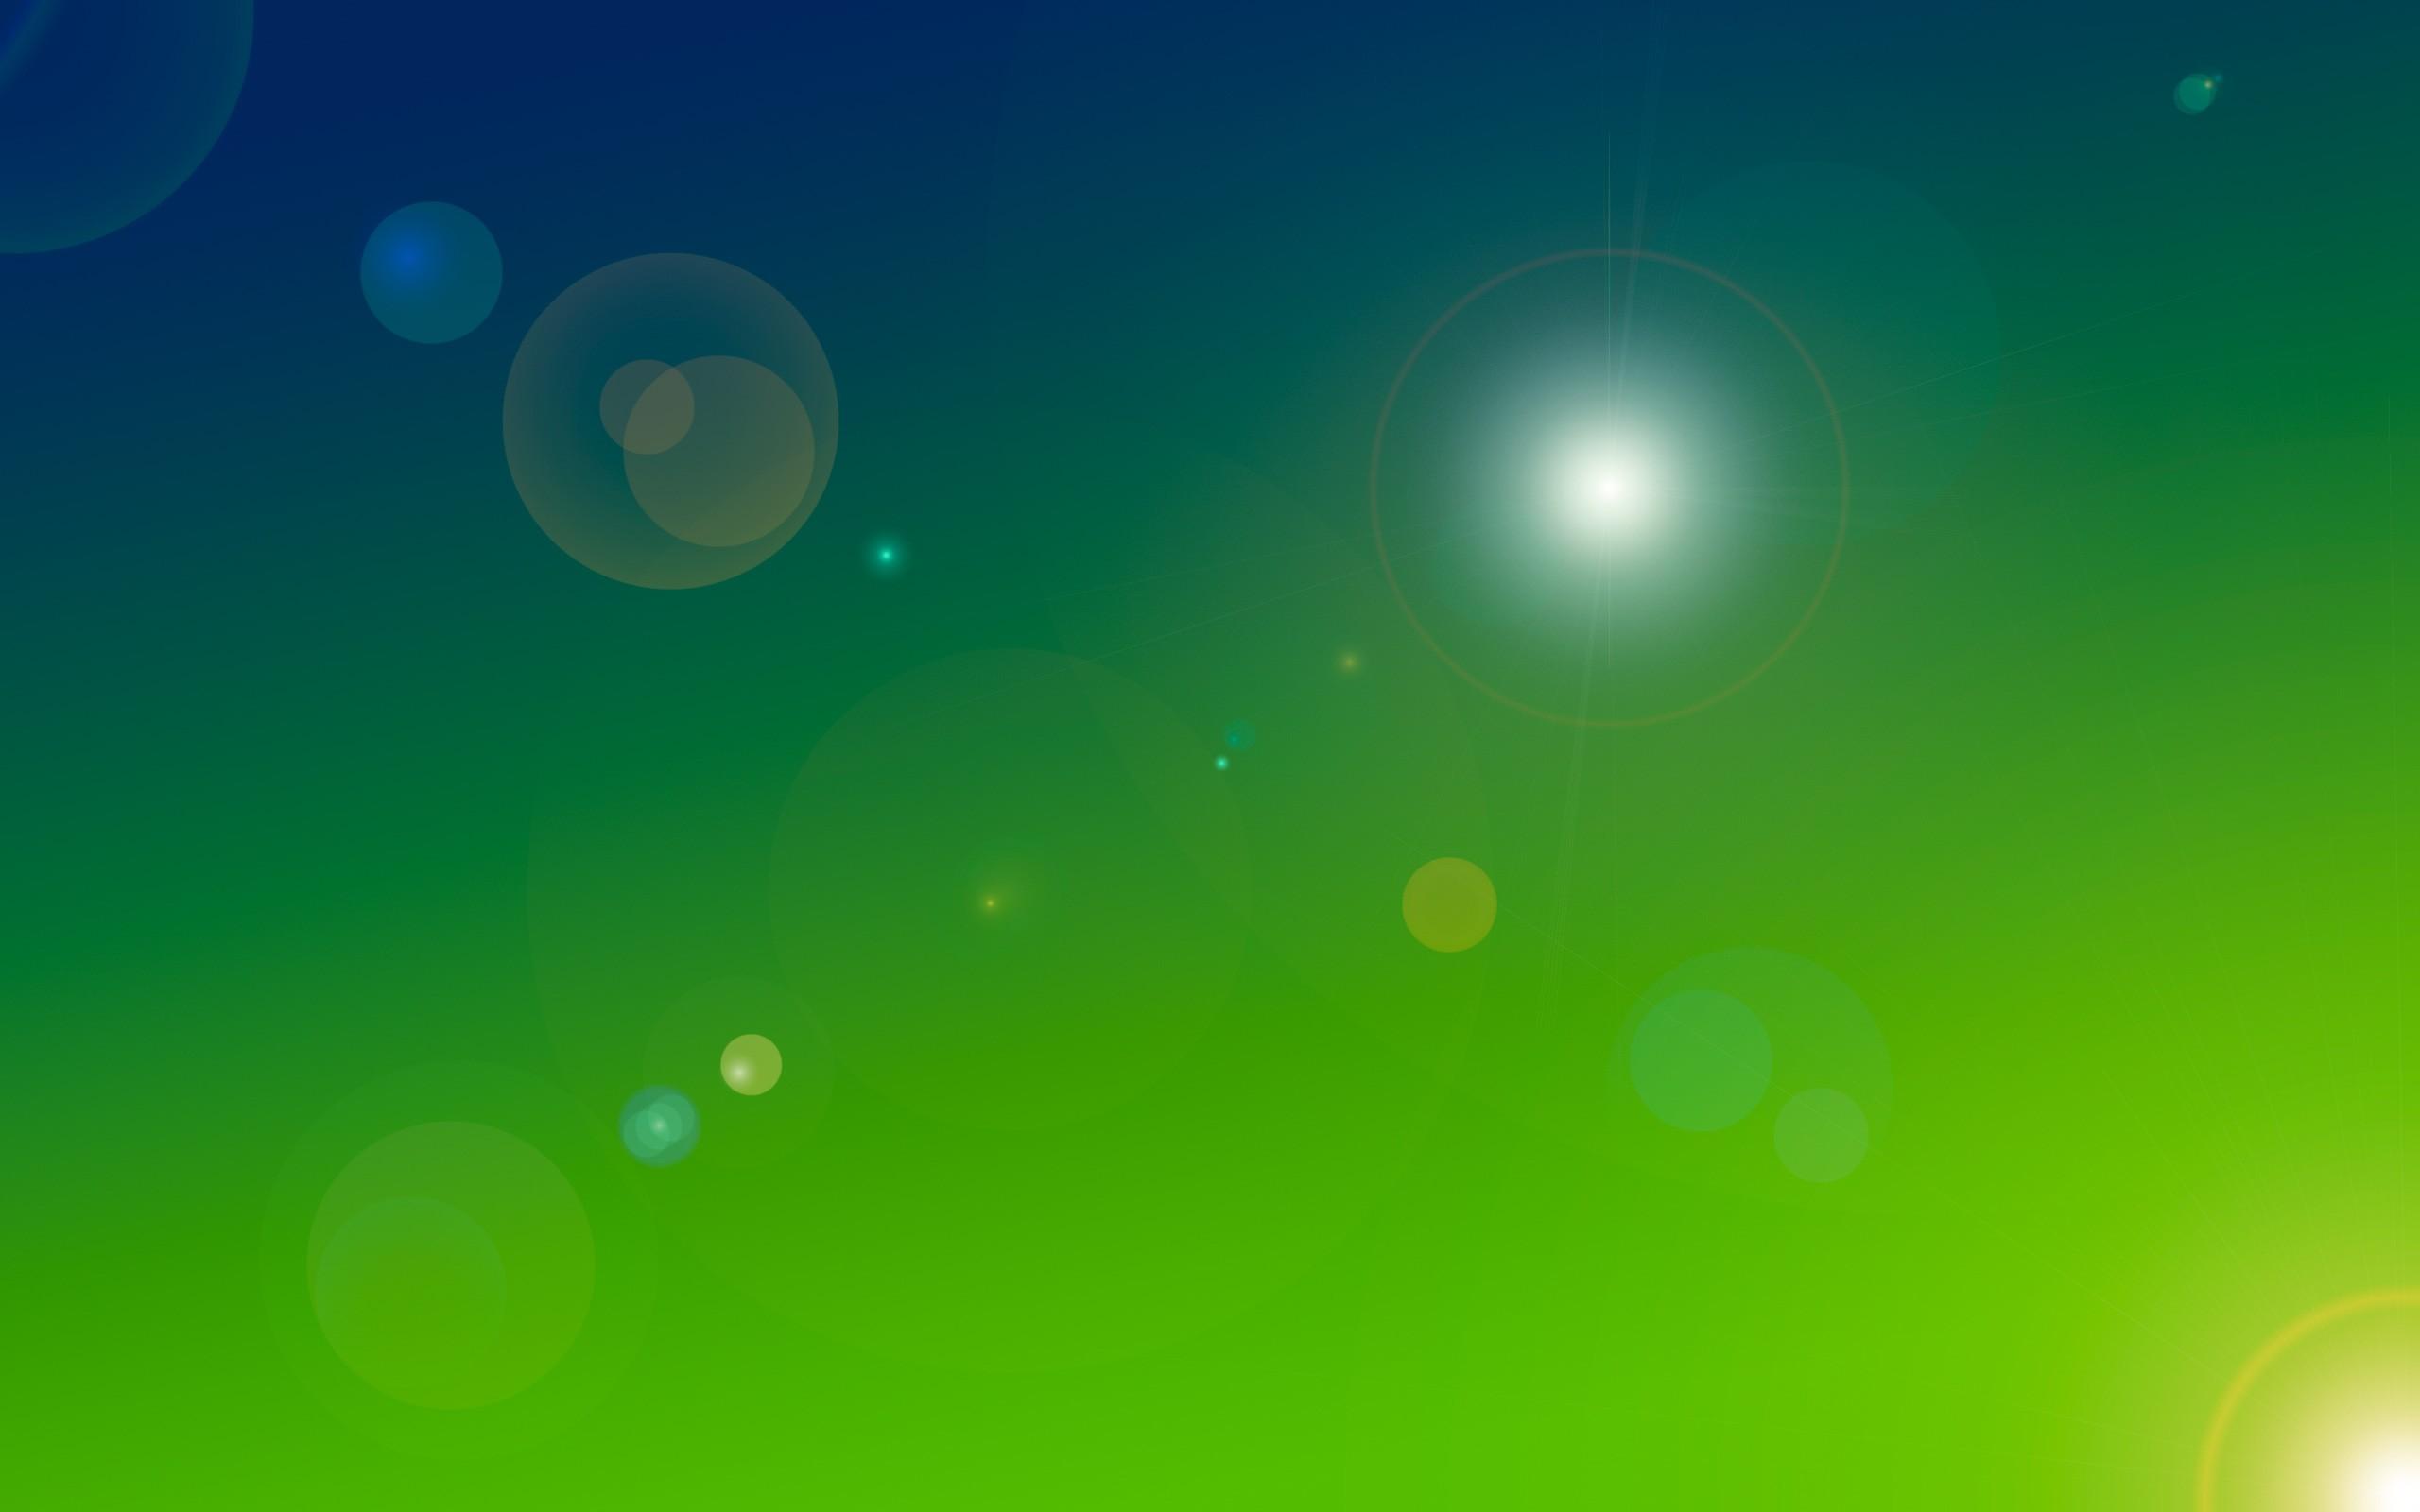 بالصور خلفية خضراء , صور باللون الاخضر 882 7